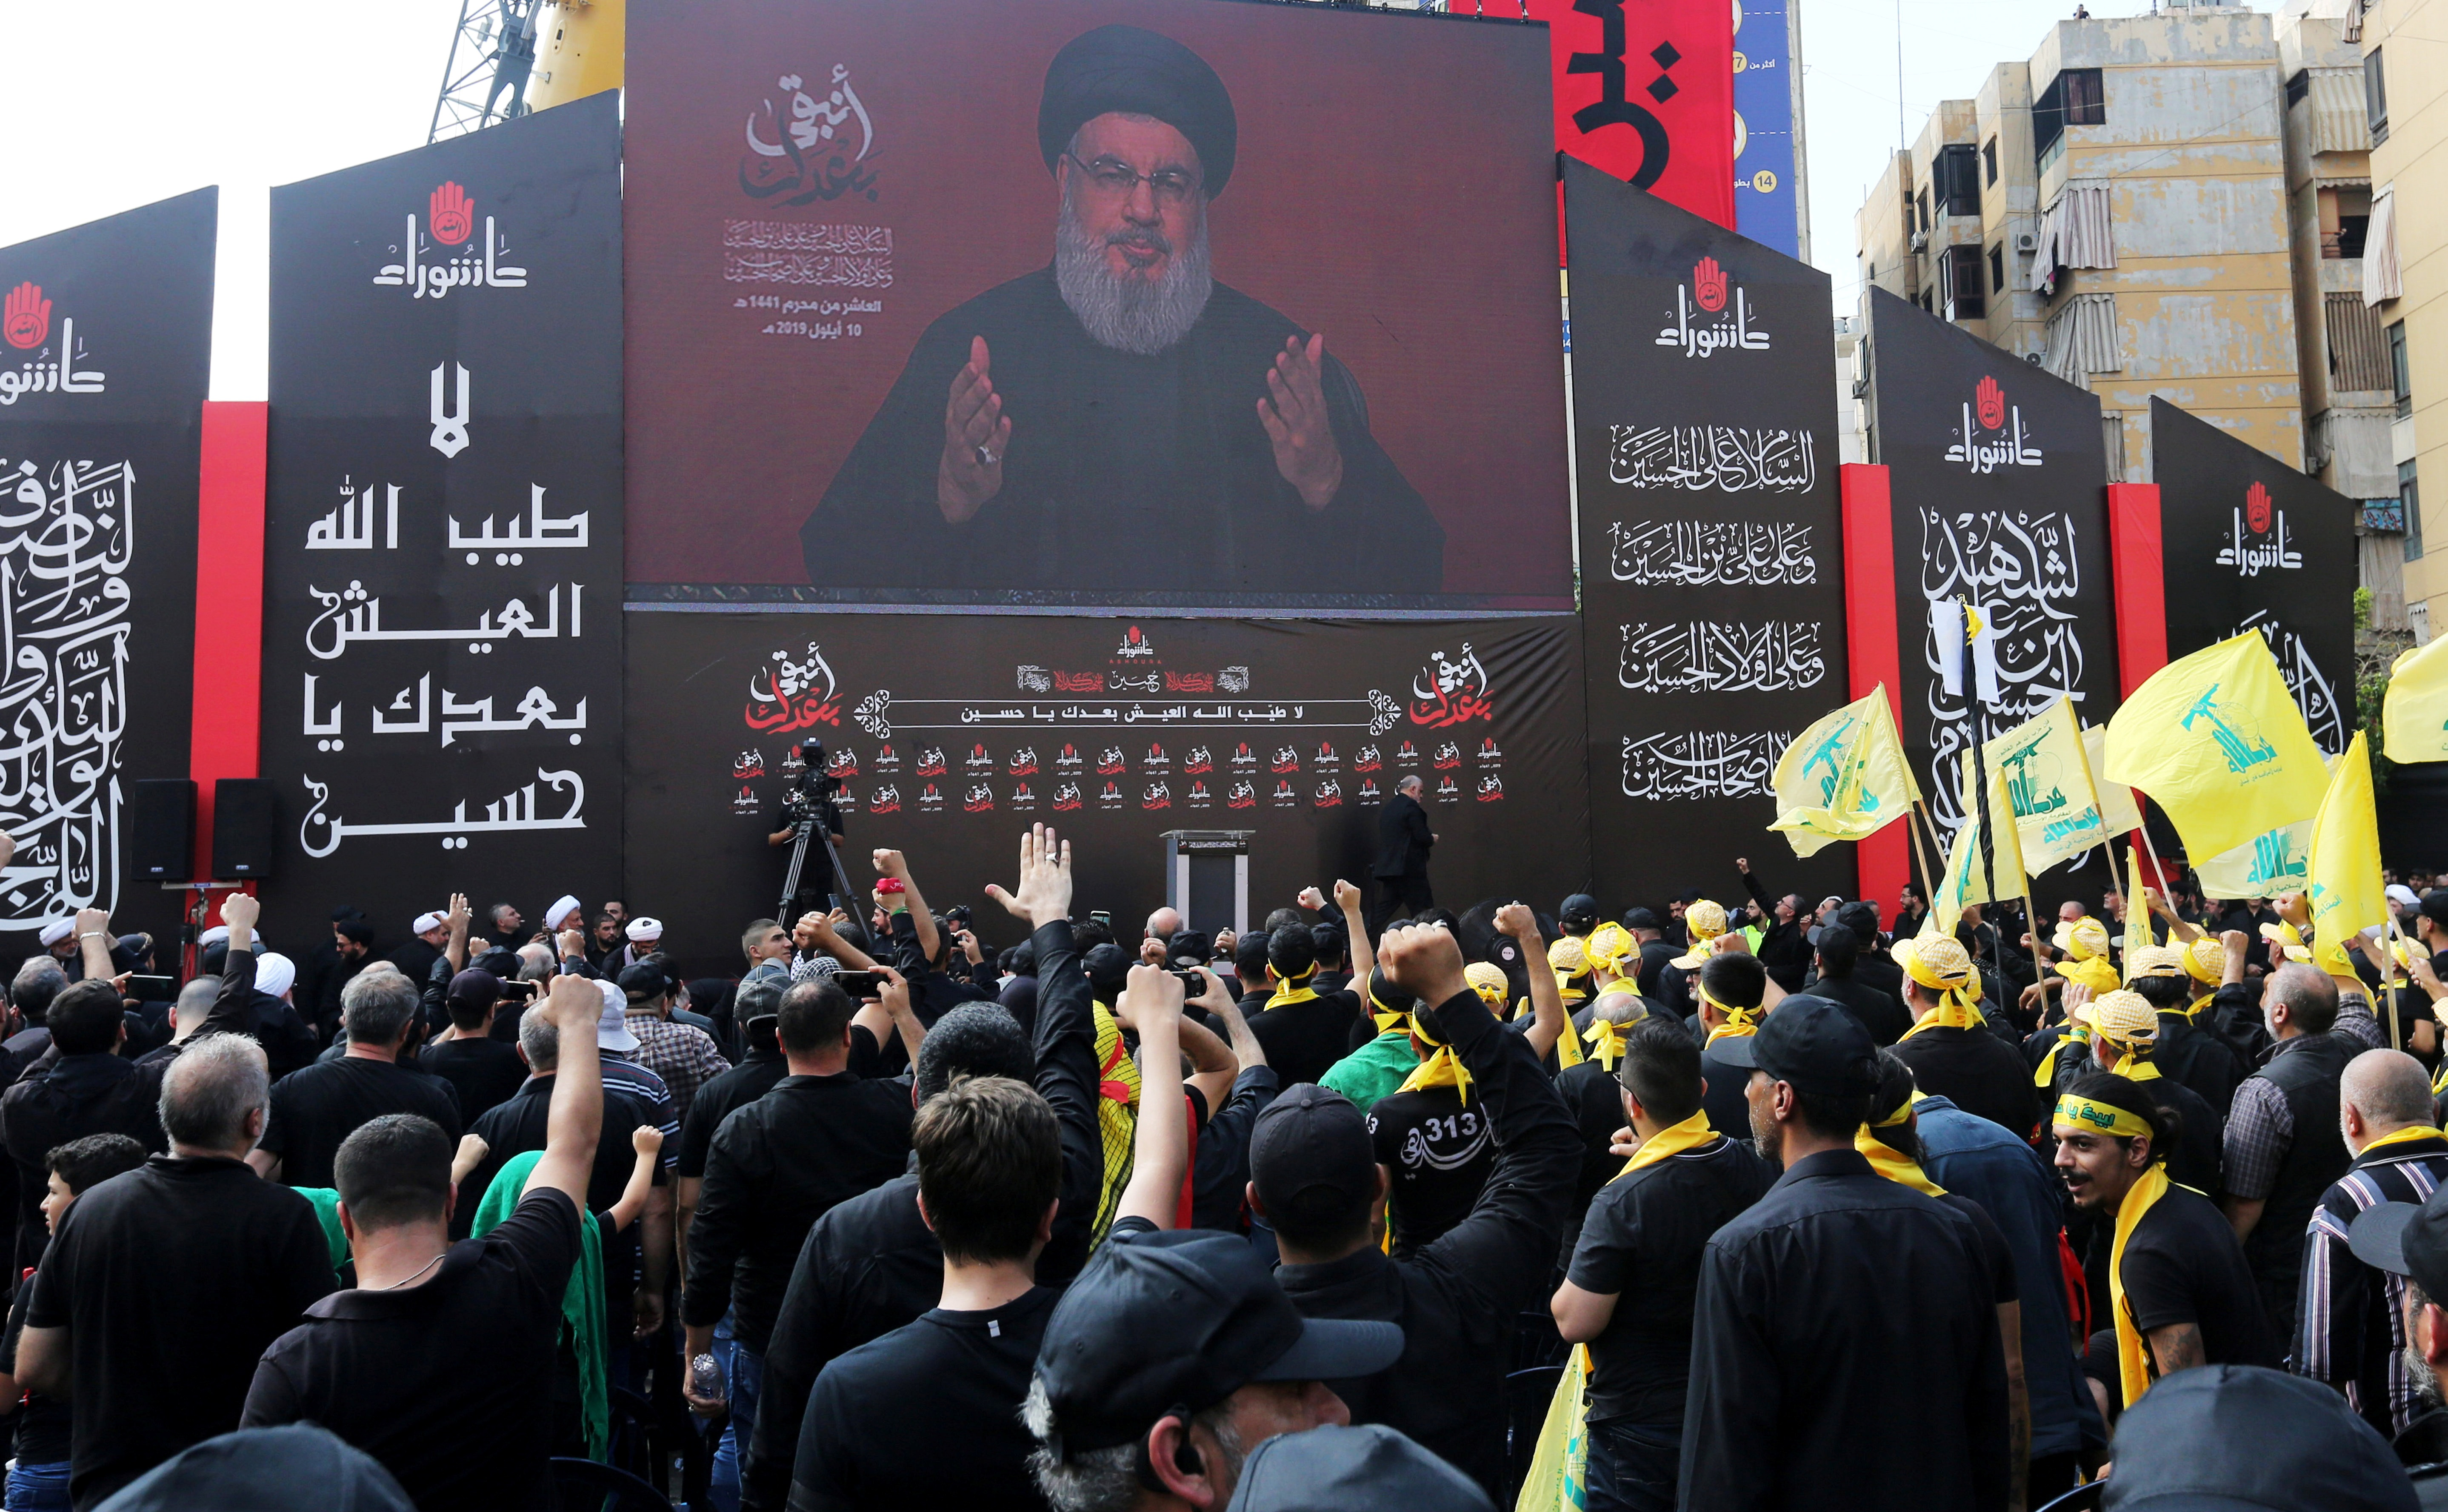 Χεζμπολάχ προς Σαουδική Αραβία: Θα είναι το τέλος σας, αν ξεκινήσετε πόλεμο με το Ιράν!